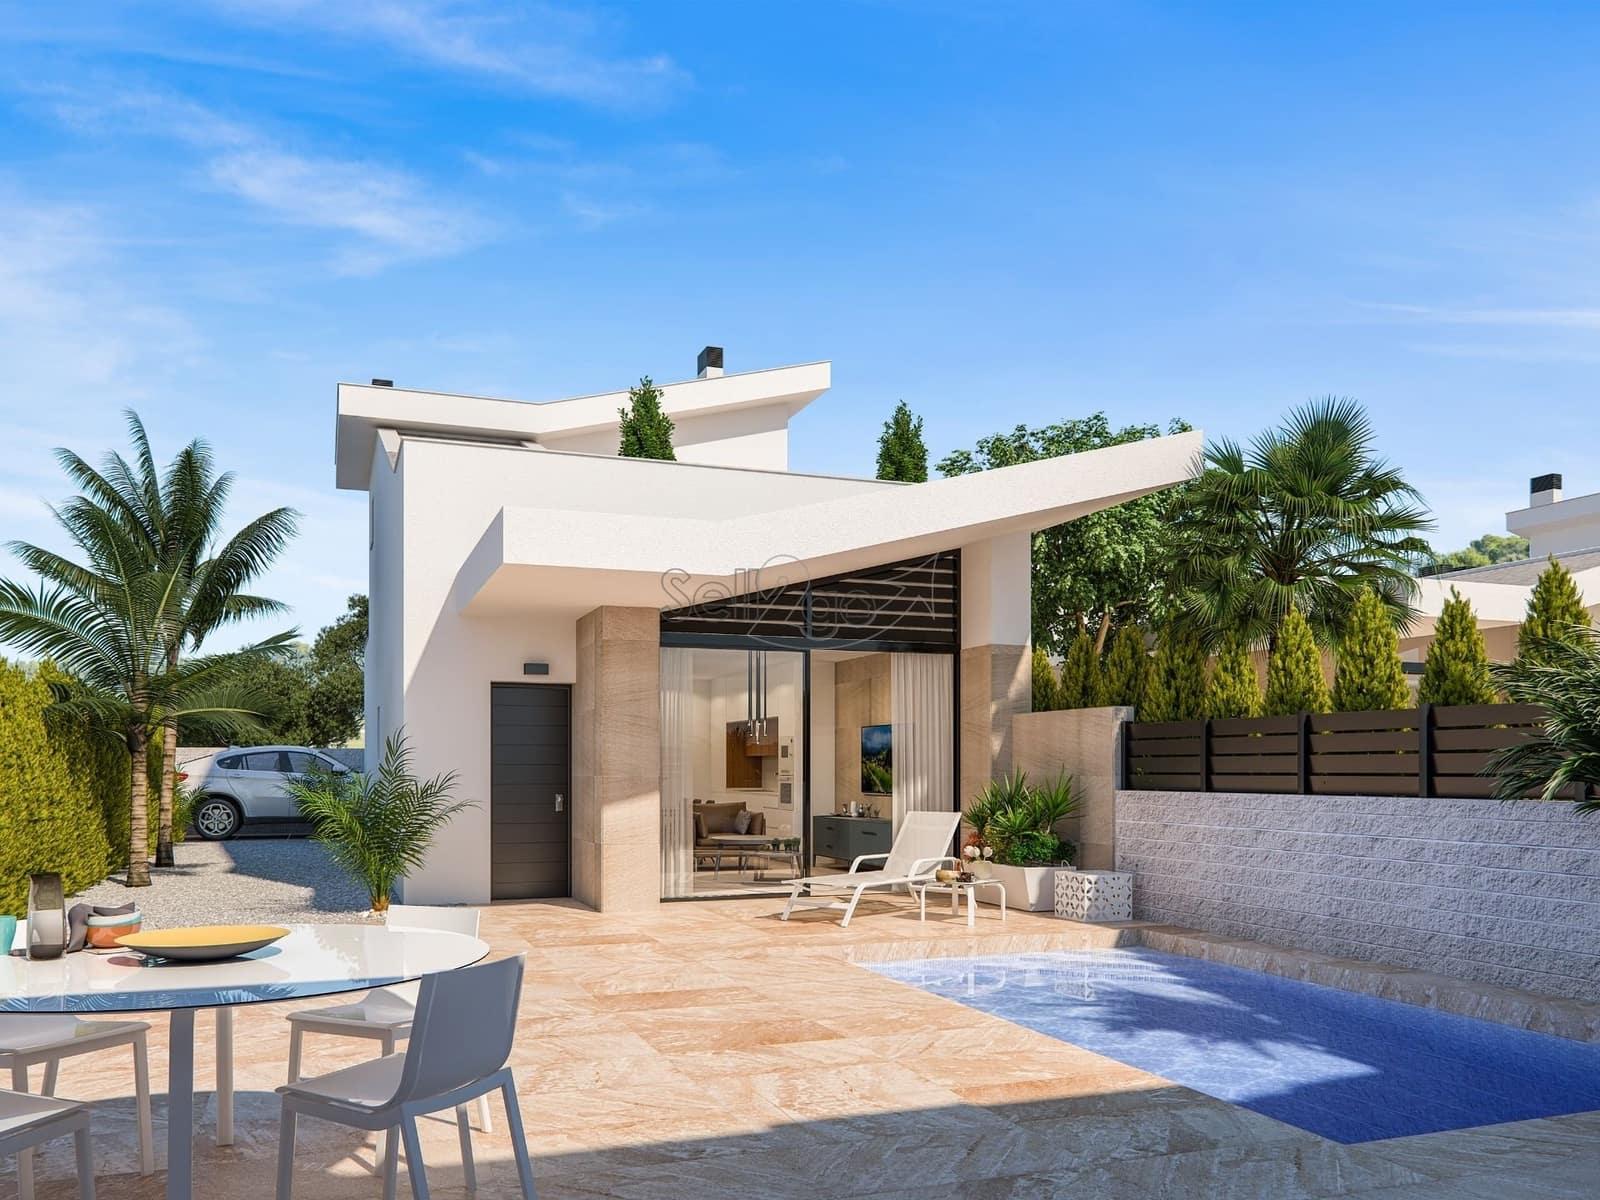 Chalet de 3 habitaciones en Benijófar en venta - 274.900 € (Ref: 5092261)